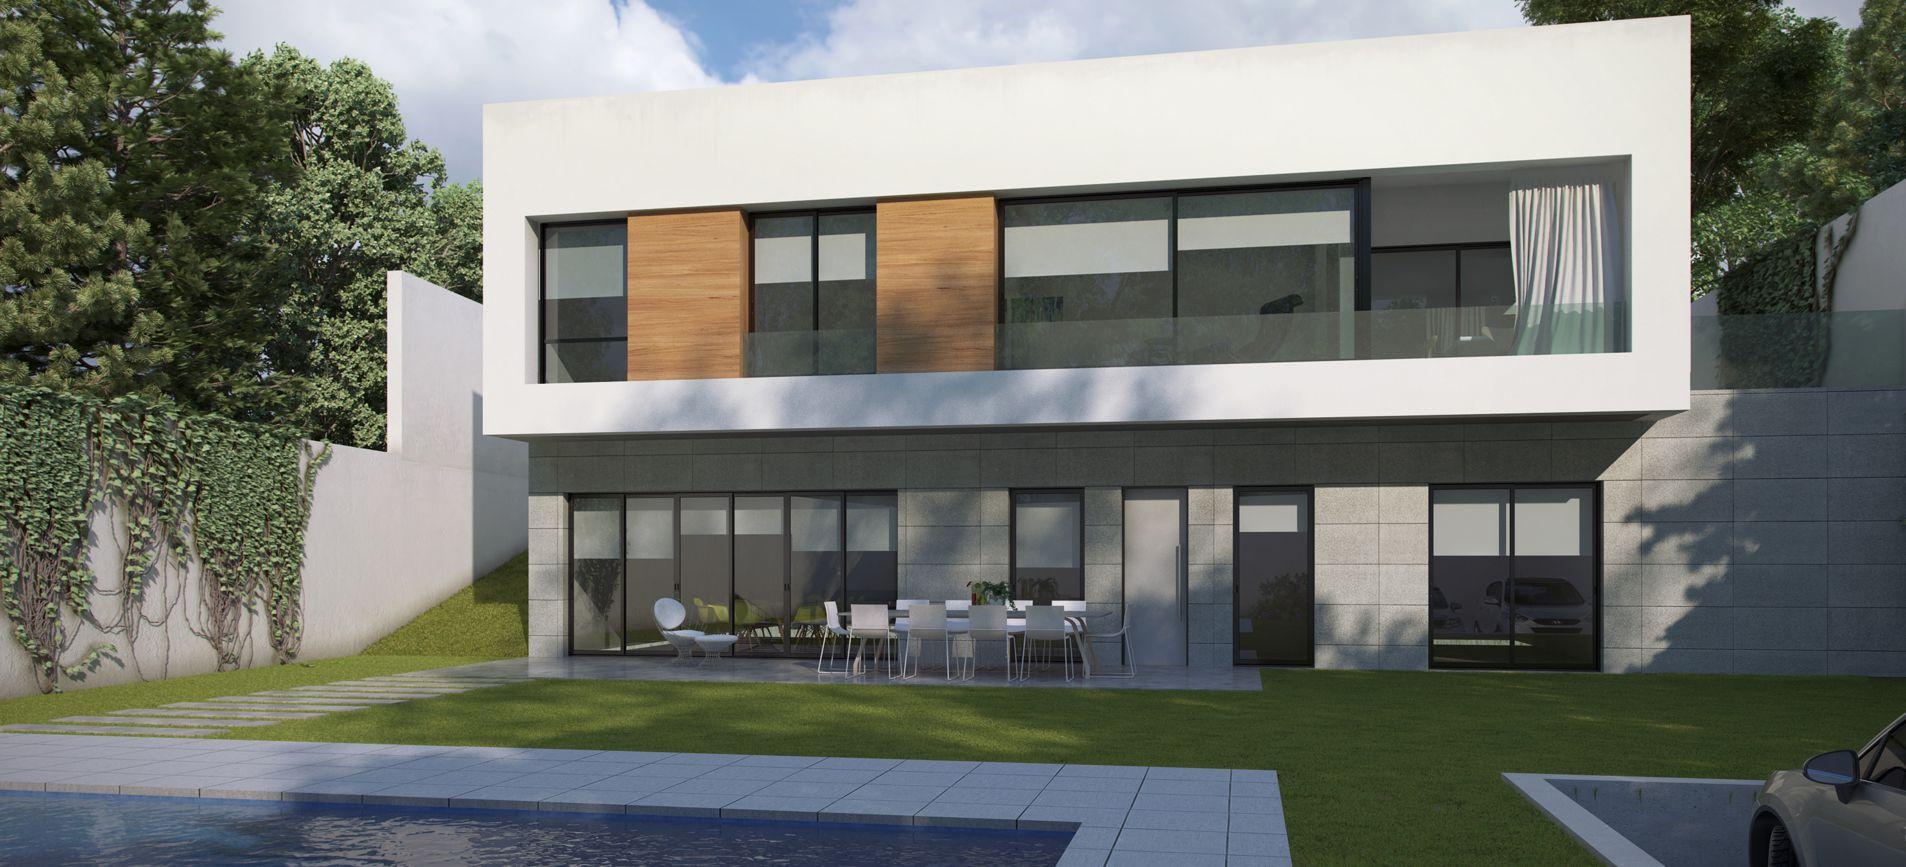 casa SL5